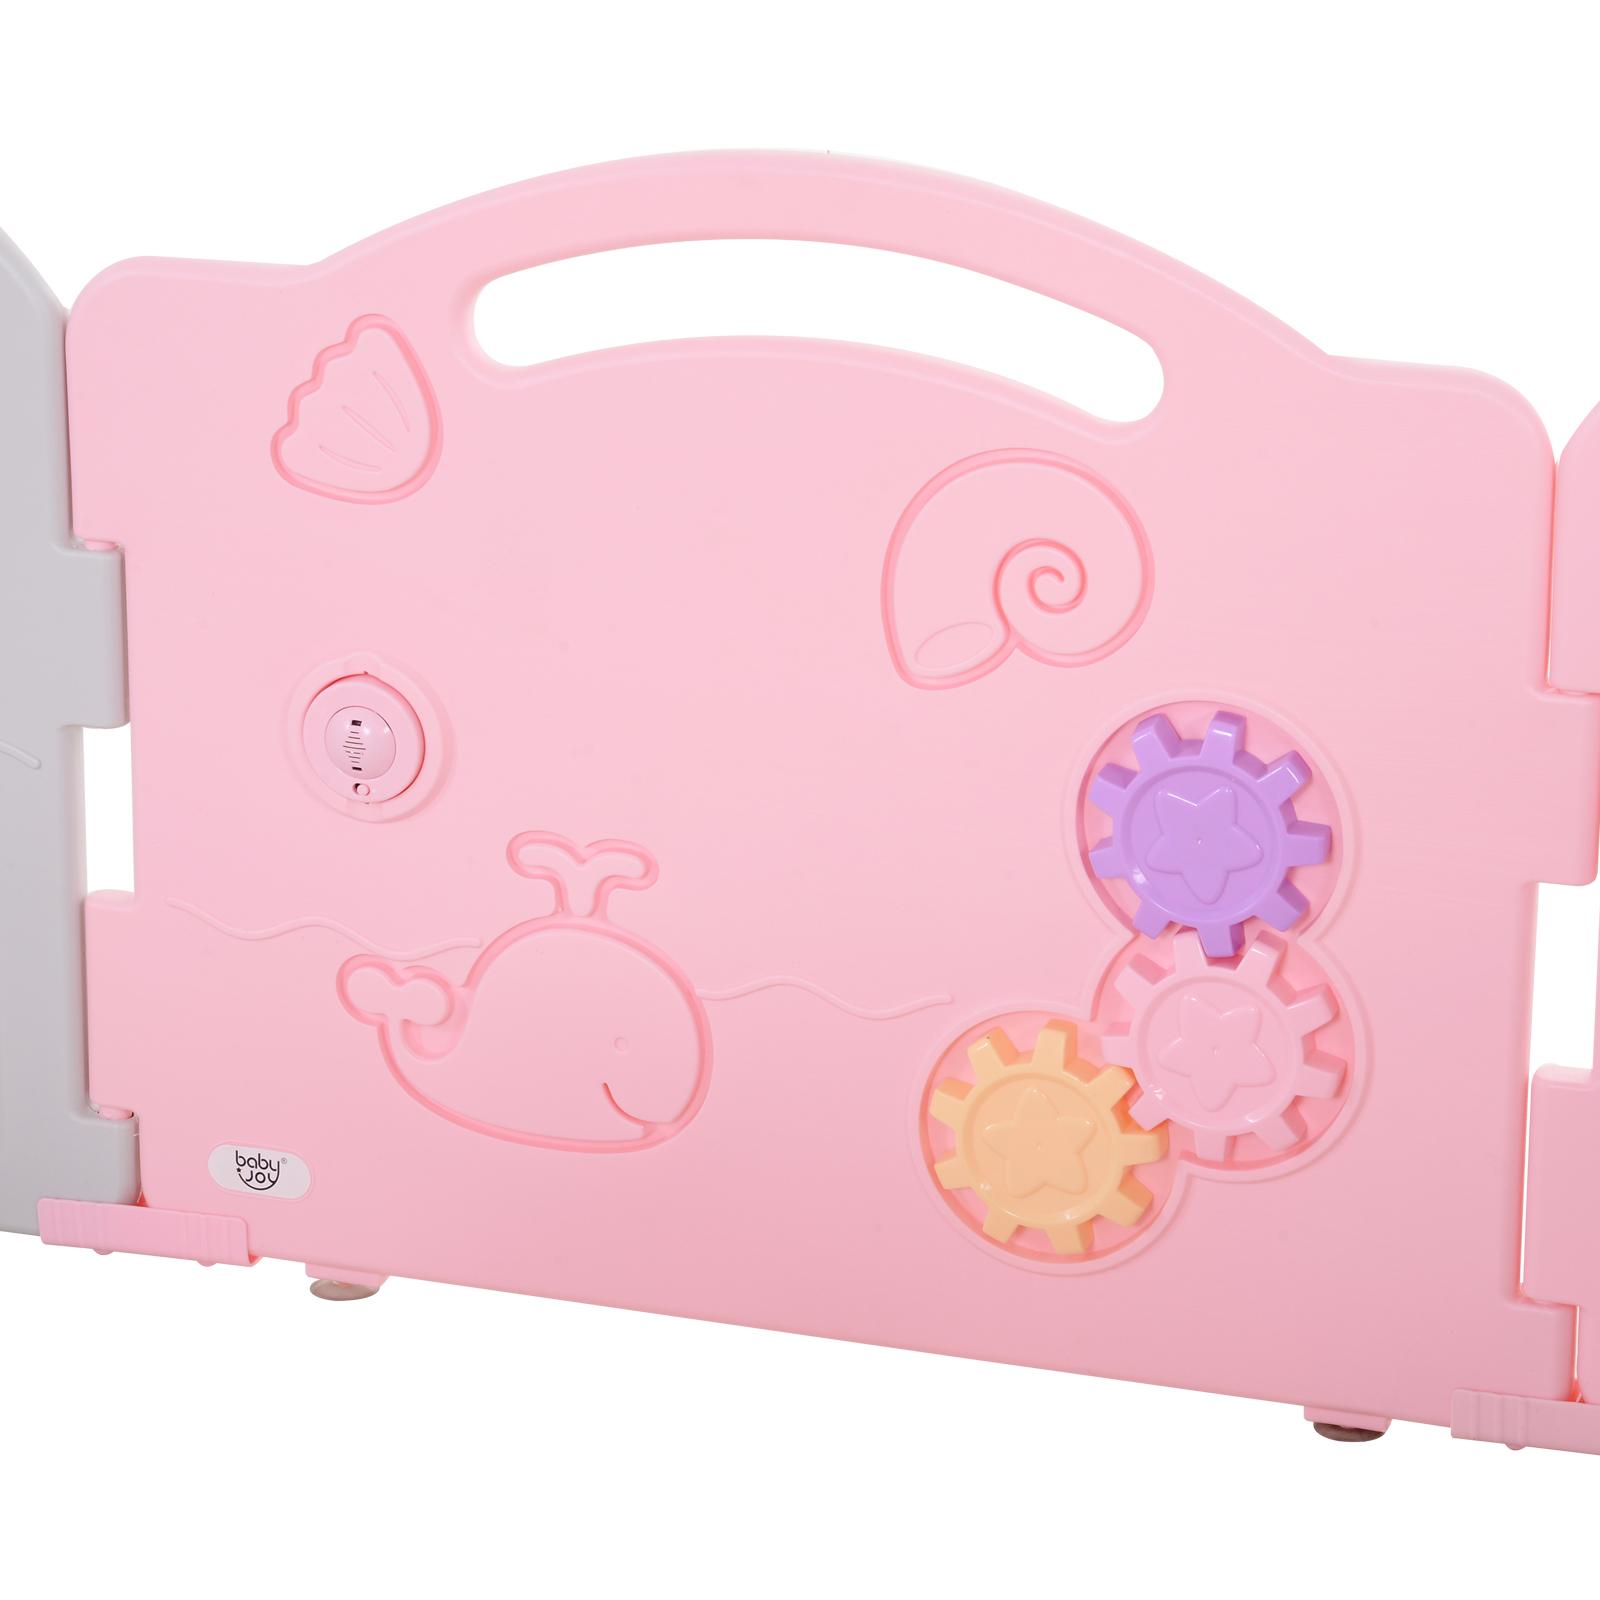 Qaba-14-Pcs-Safety-Children-Playpen-Pink-Game-Panel-Anti-Pushing-Over thumbnail 22